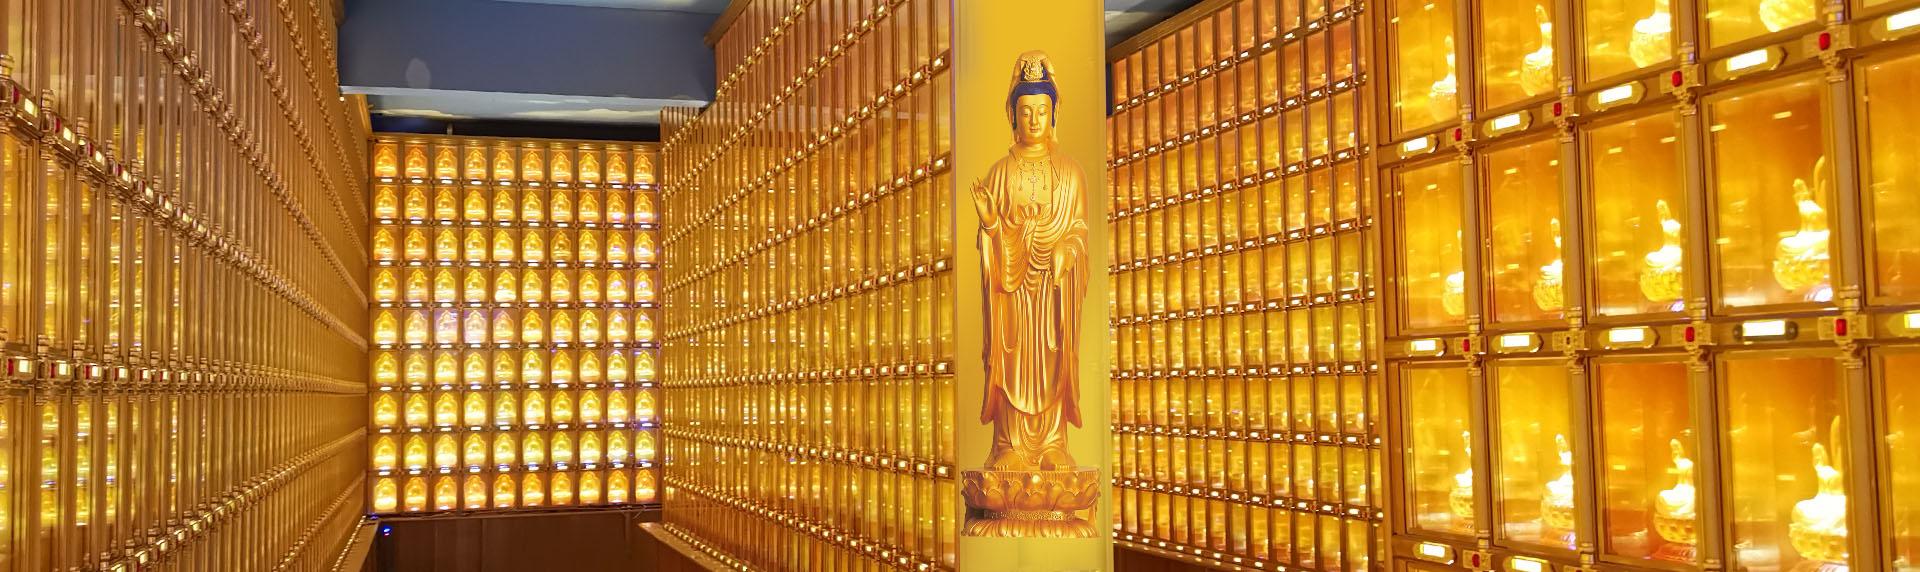 智能祈福灯,万佛墙,骨灰存放架,功德箱,光明灯,牌位架,网上祭祀,寺院管理软件